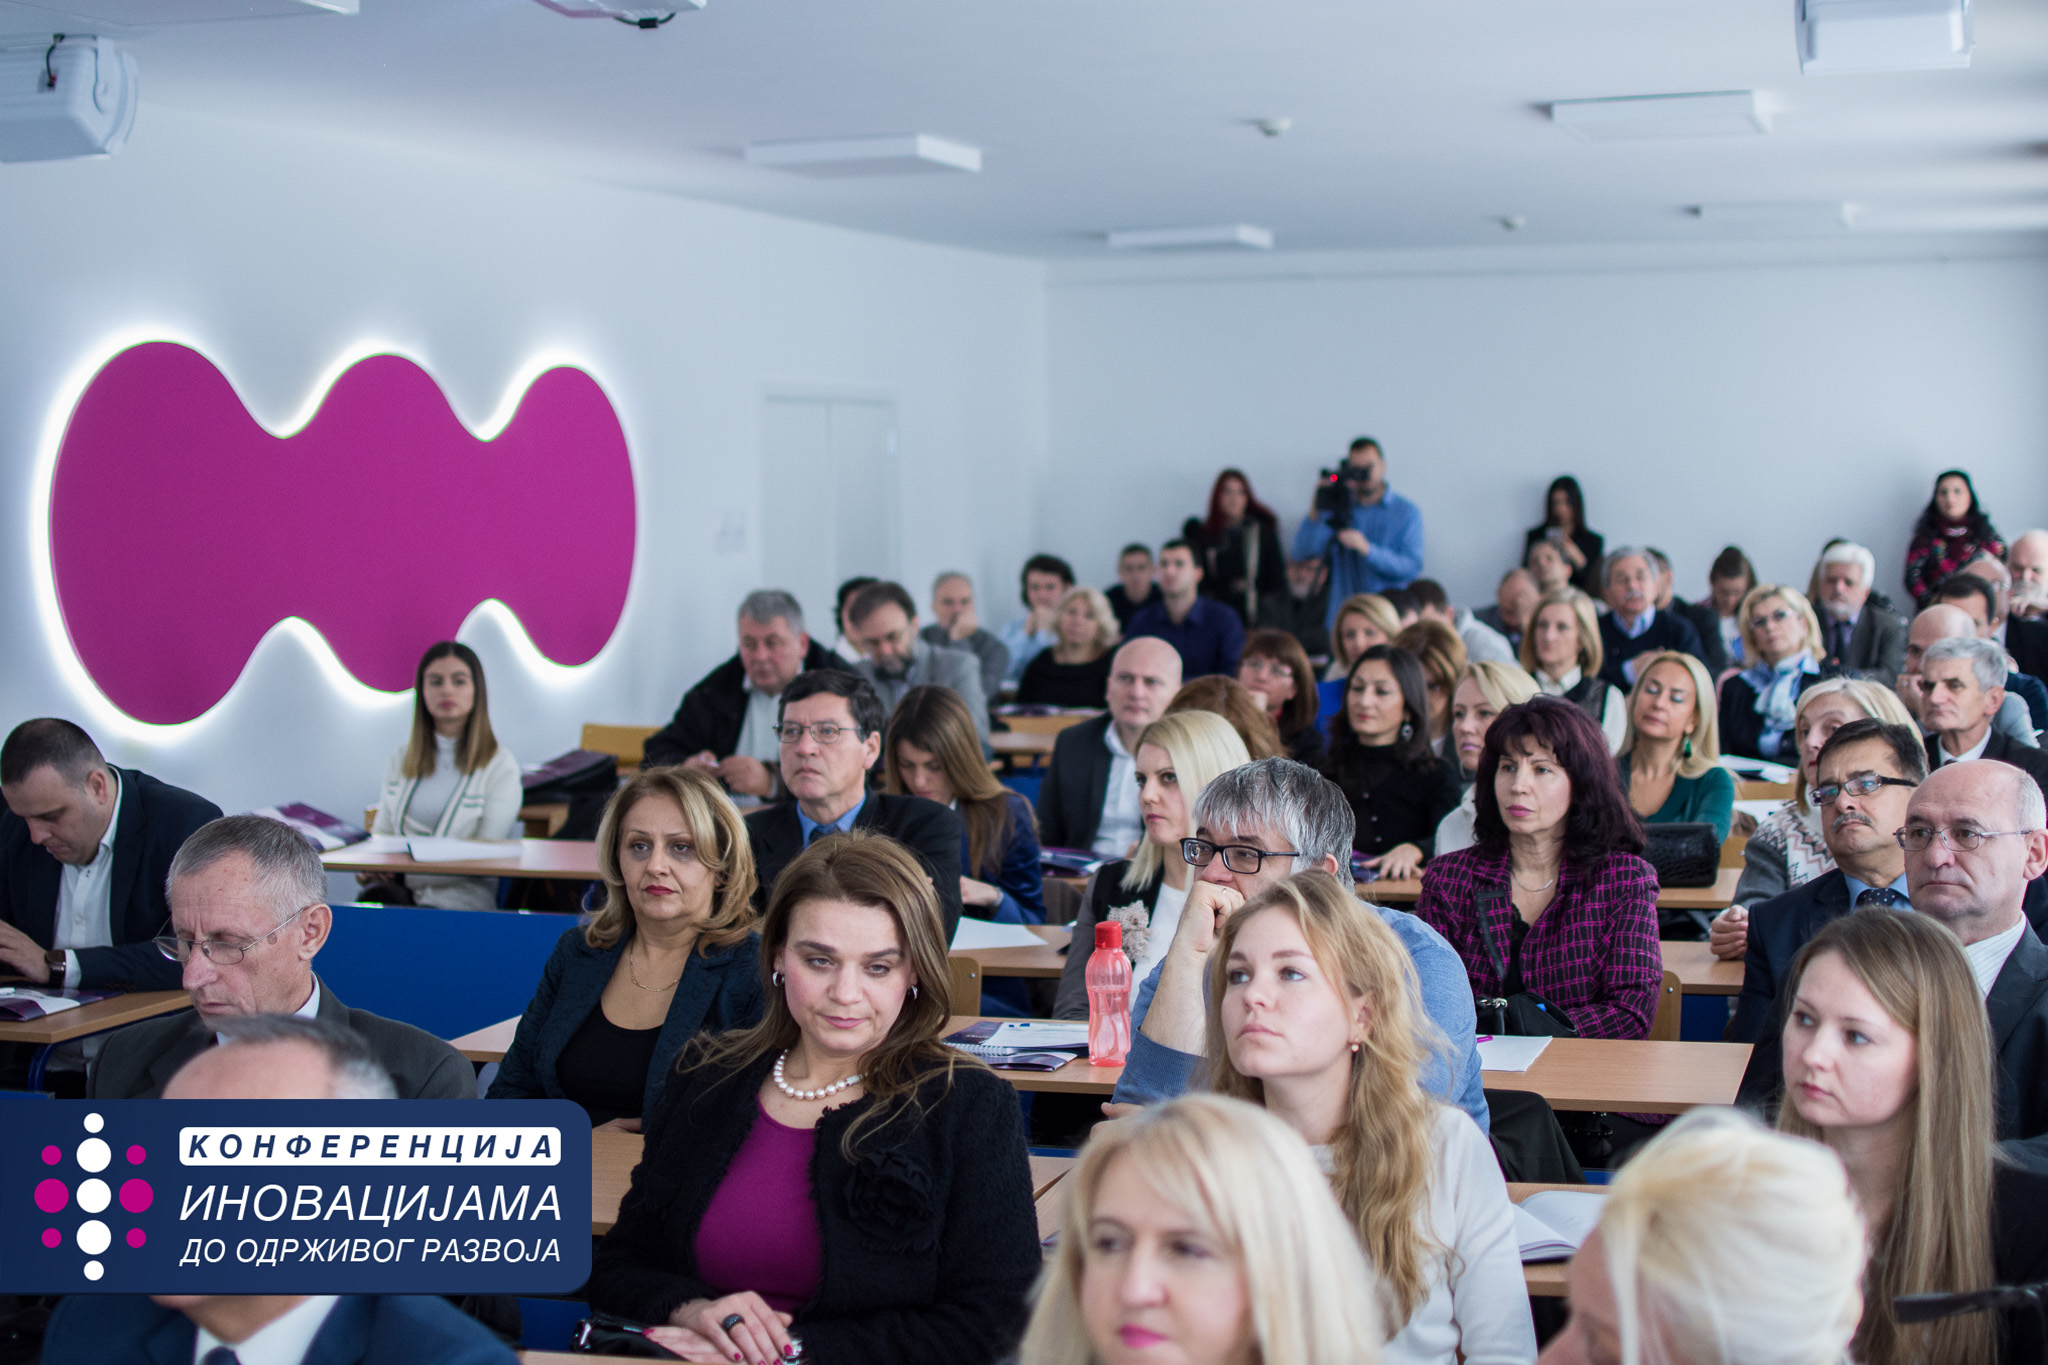 MEF Fakultet - izvestaj sa konferencije 28